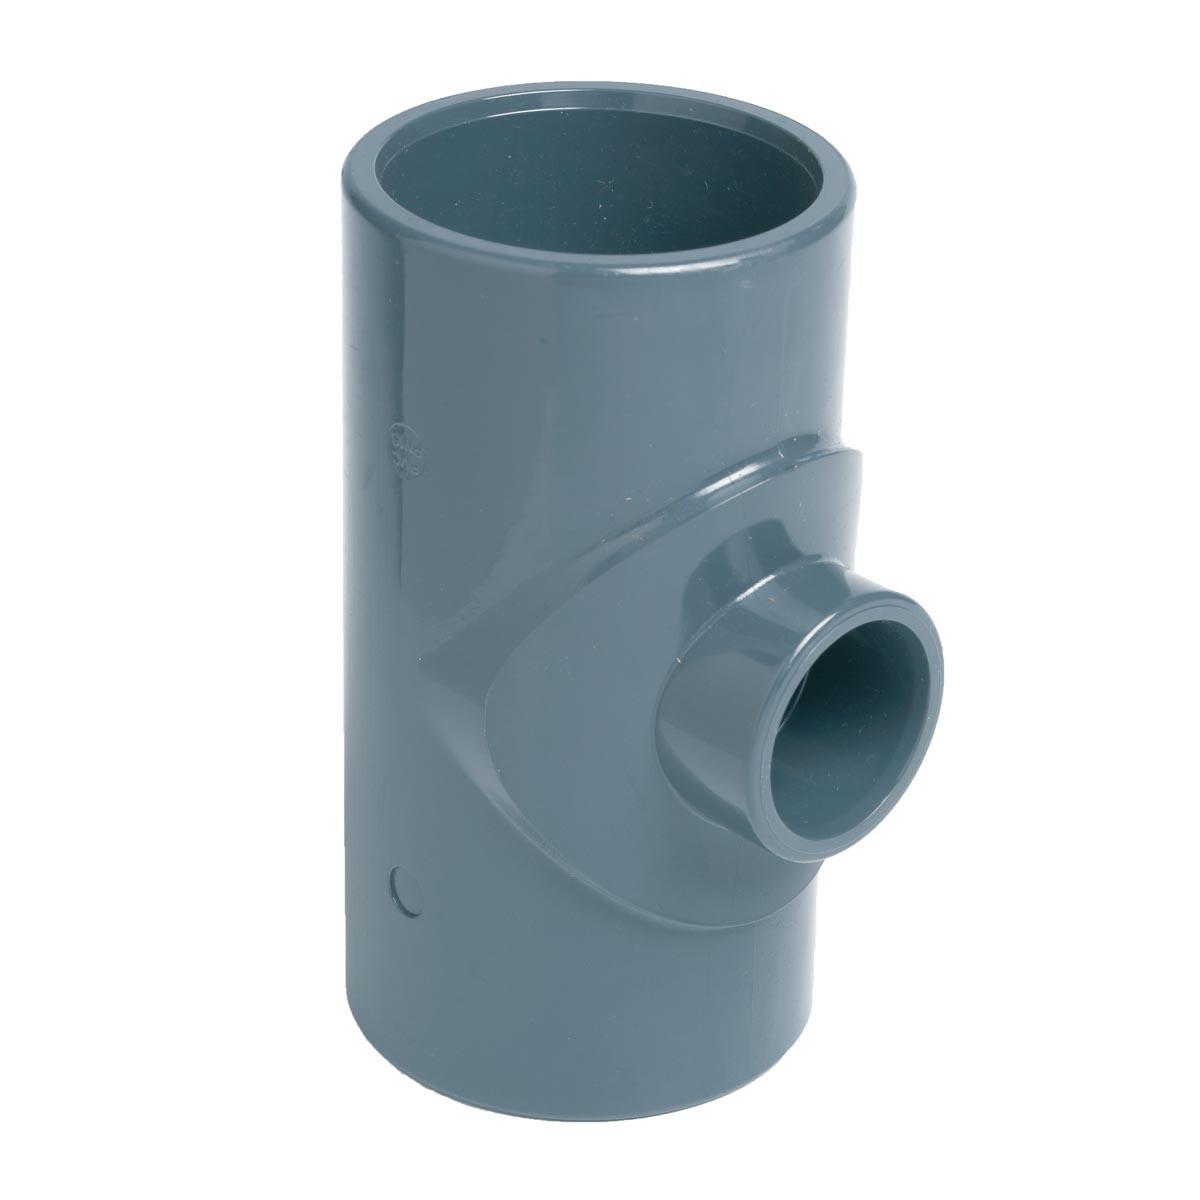 Тройник клеевой 90° редукционный EFFAST d90x50 мм (RDRTRD090F)